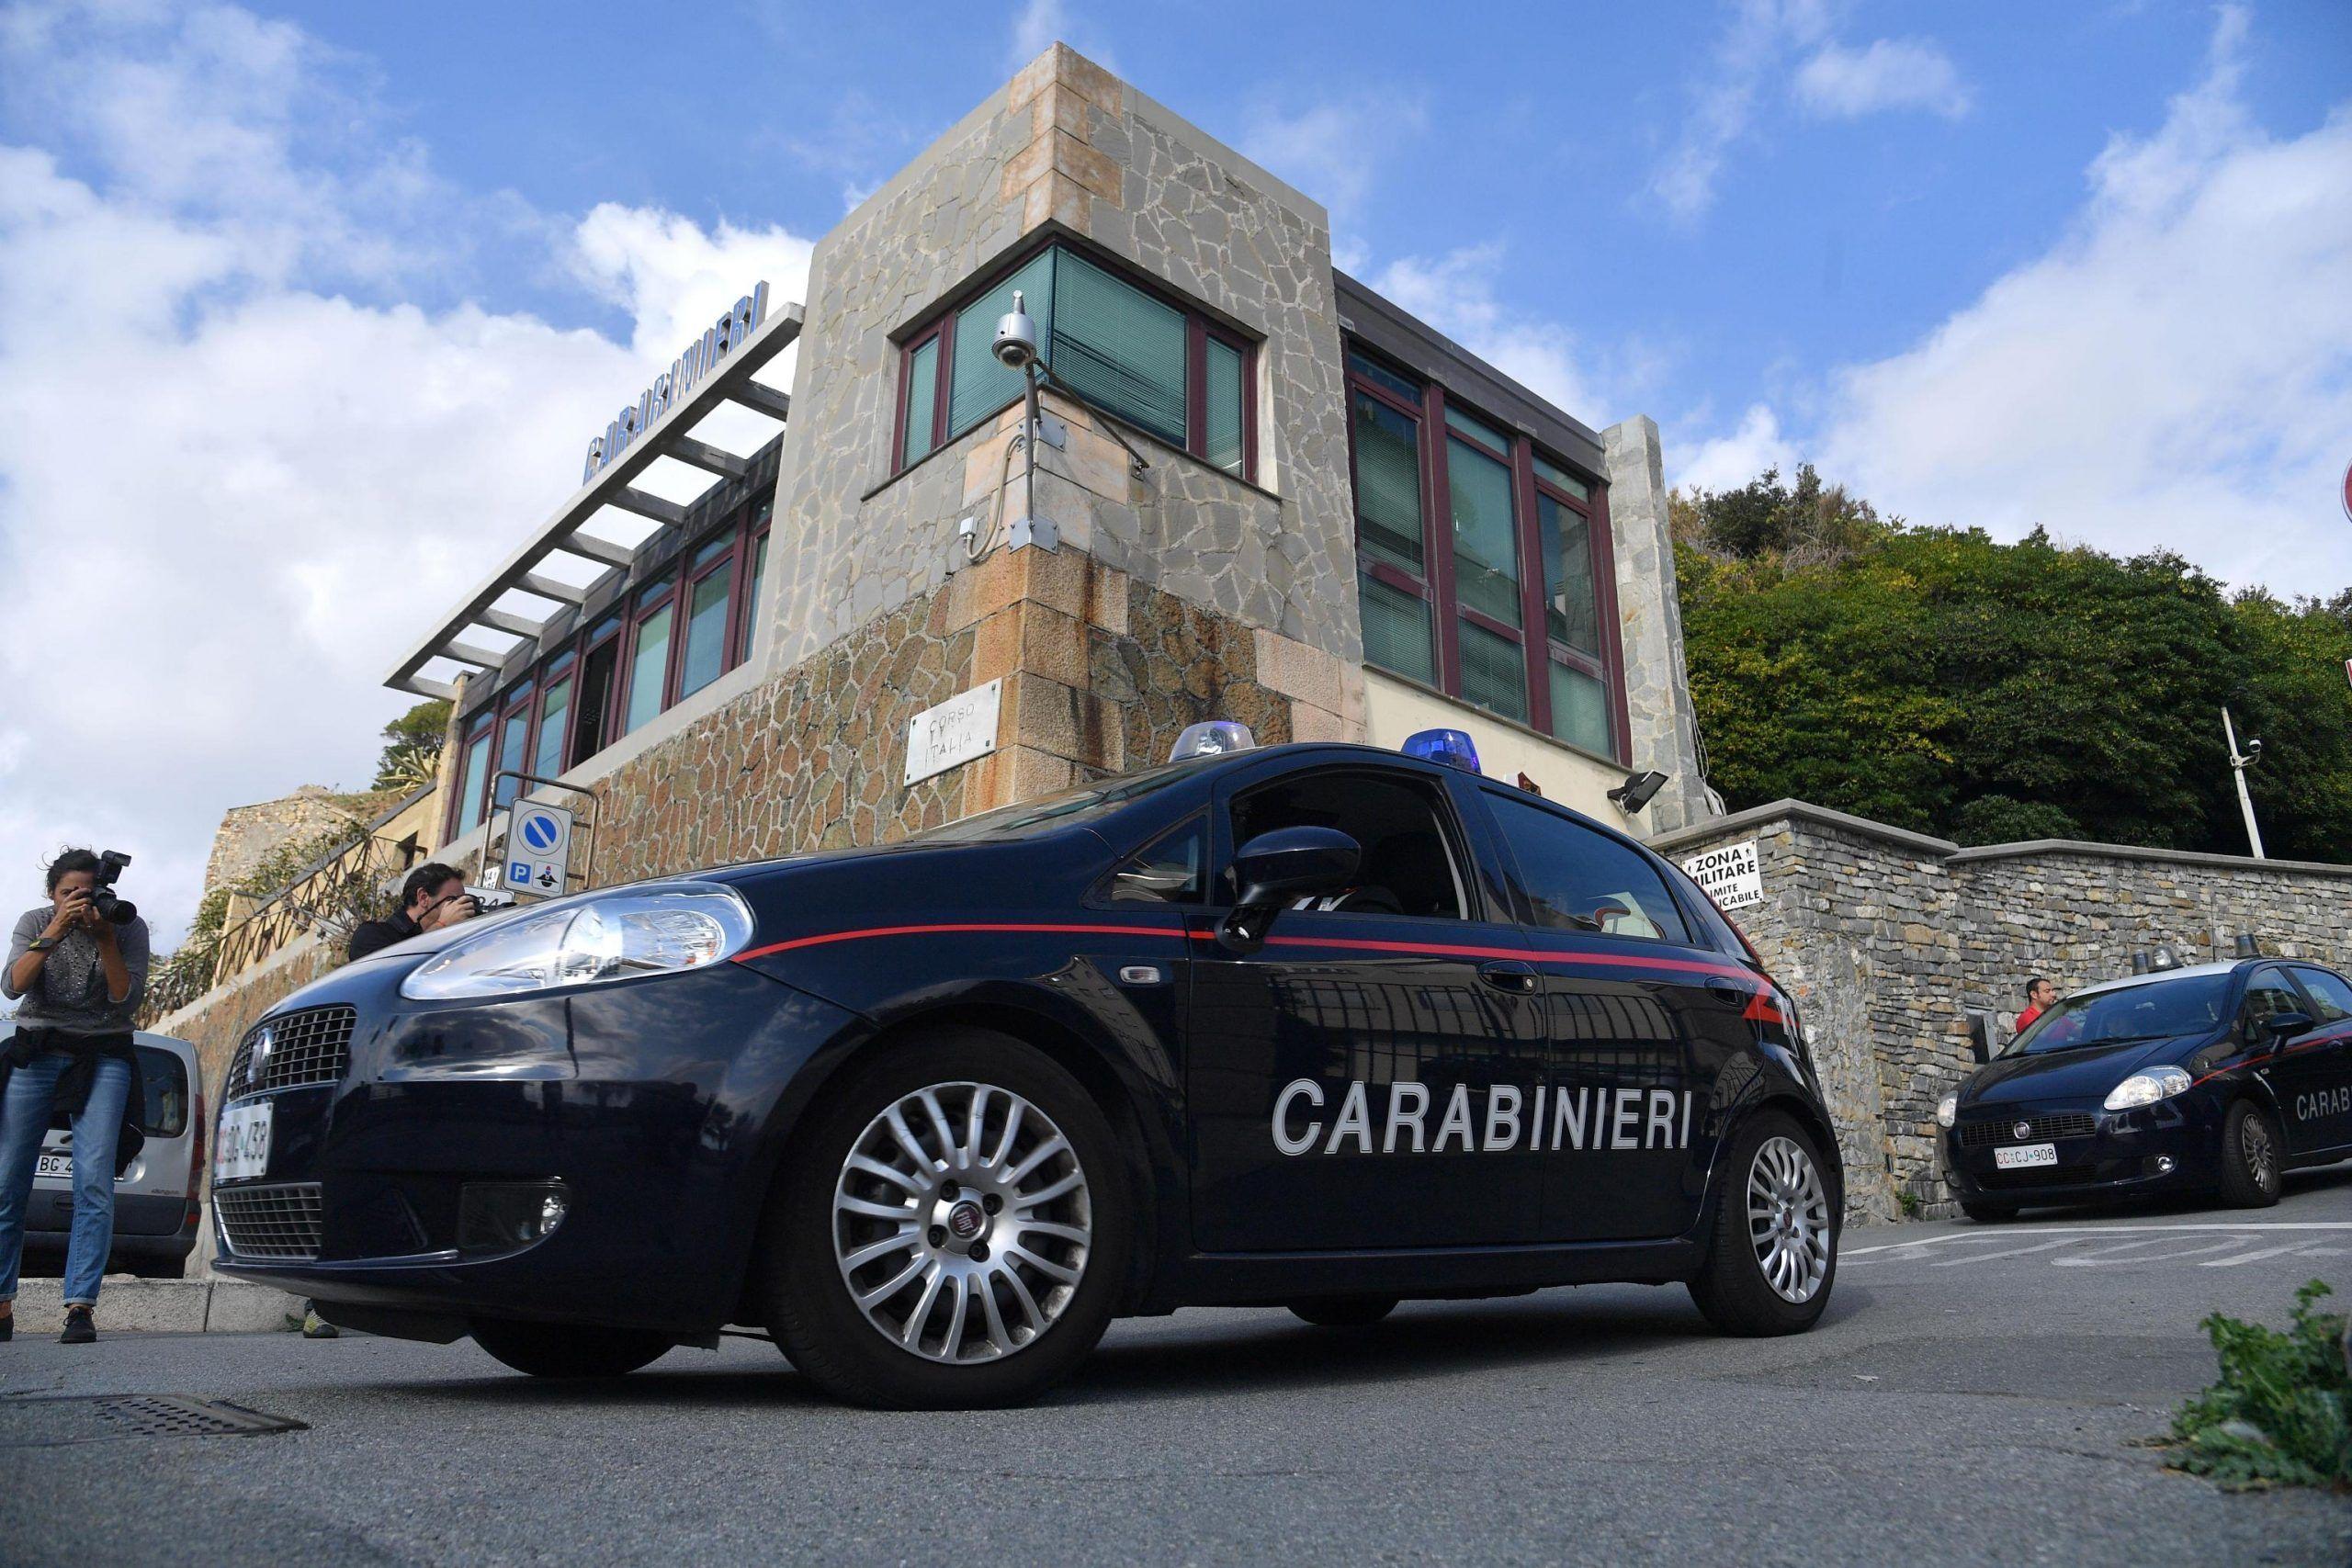 Operazione antidroga Cc in vicoli Genova, 38 arresti